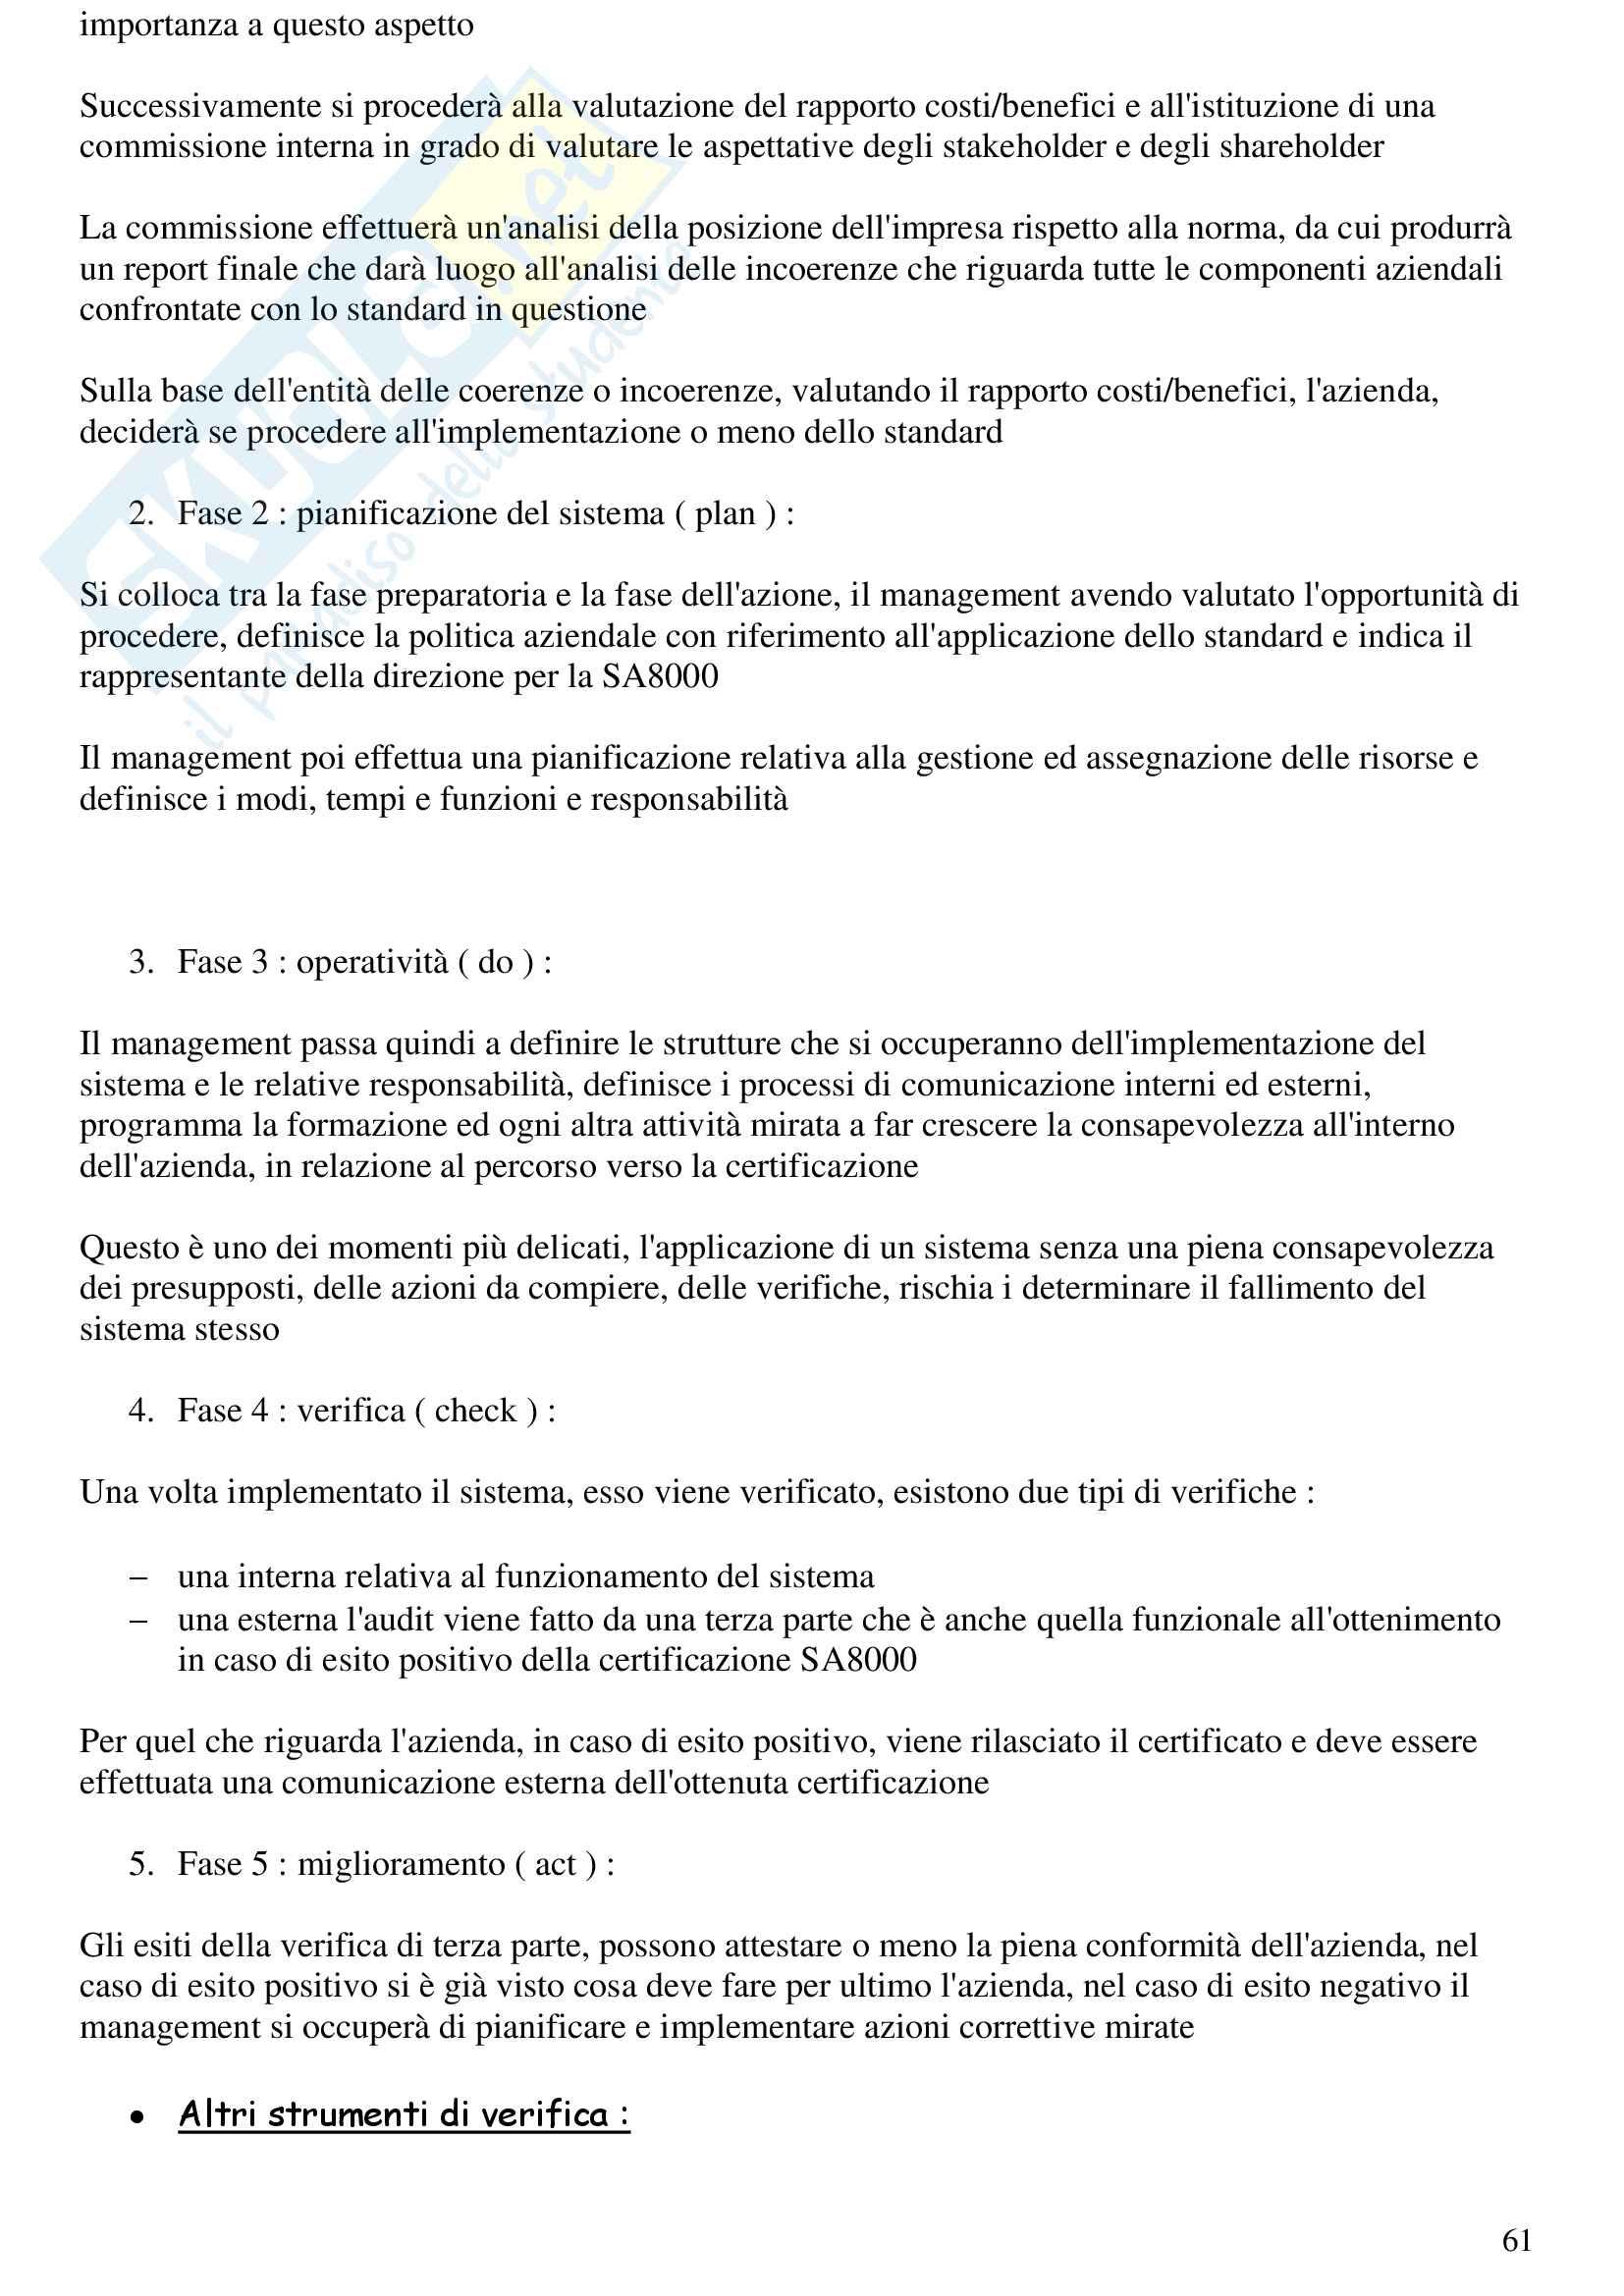 GEI Riassunti Modulo Renzi Pag. 61